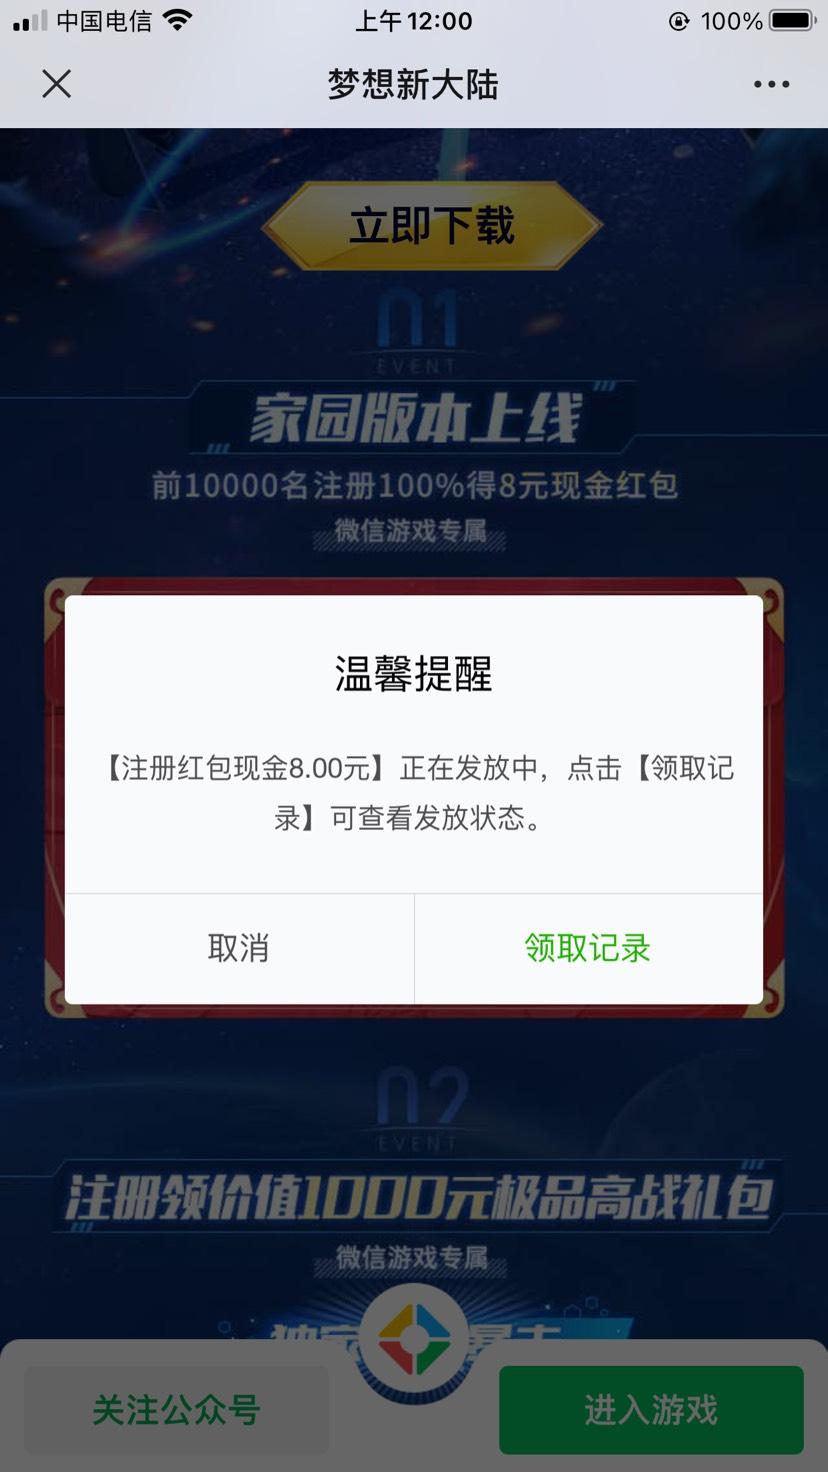 梦想新大陆手游微信新一期试玩领8-88元微信红包奖励